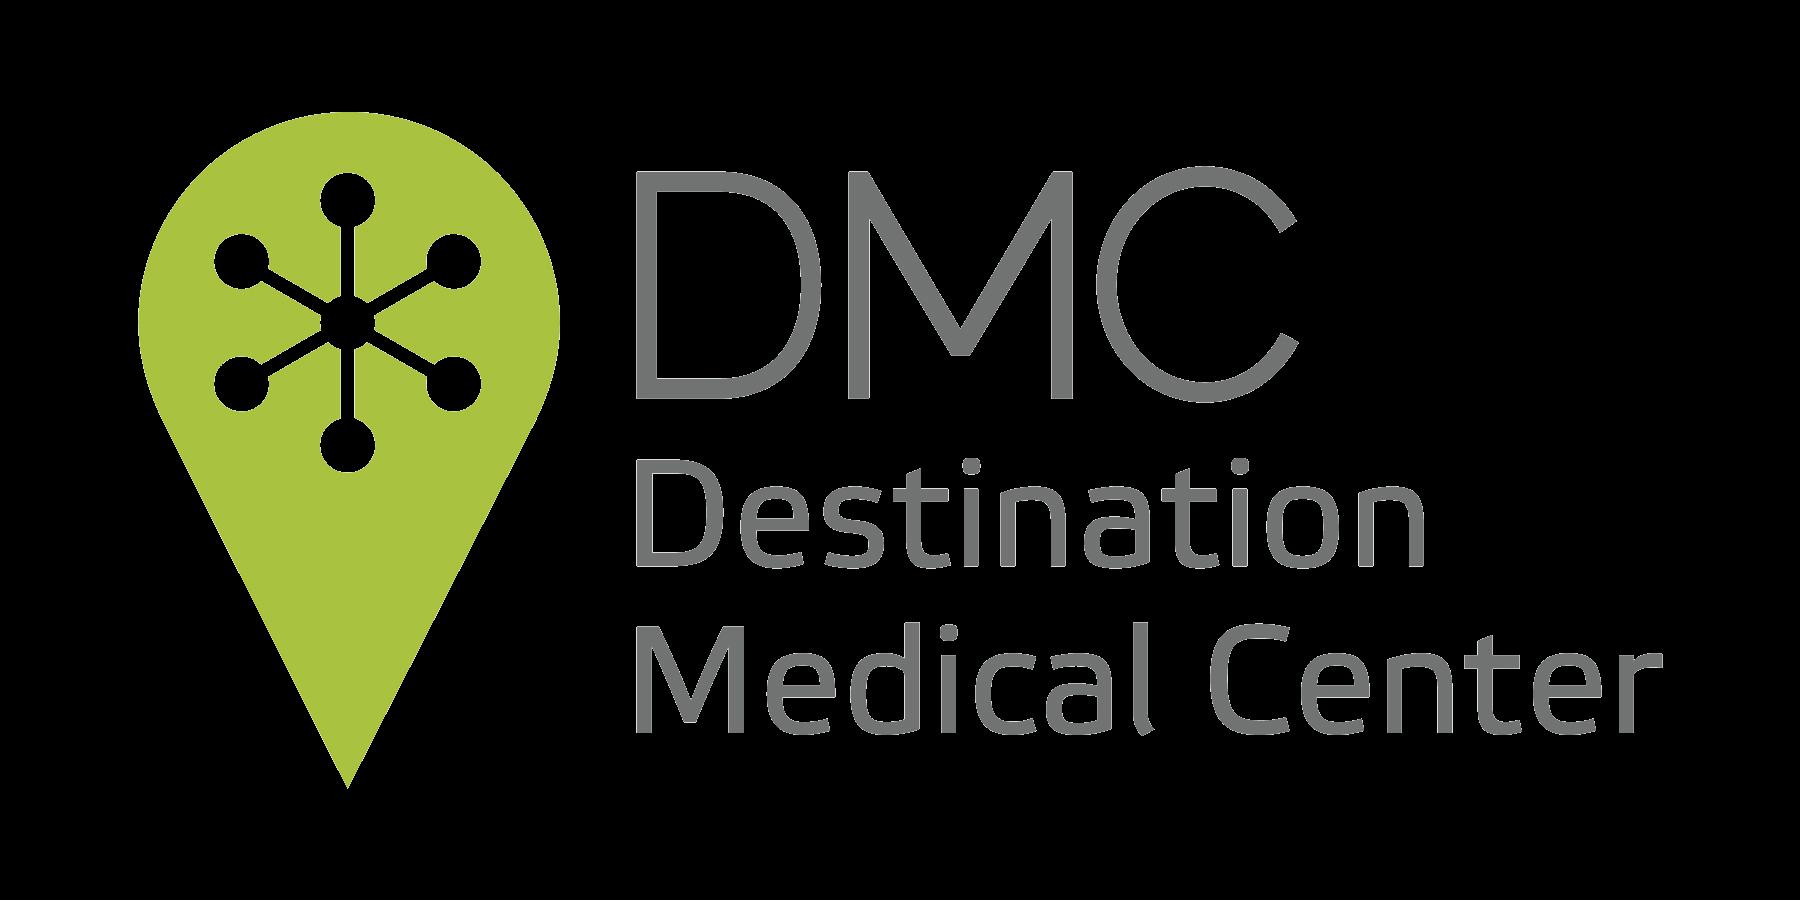 Destination Medical Center Rochester Minnesota